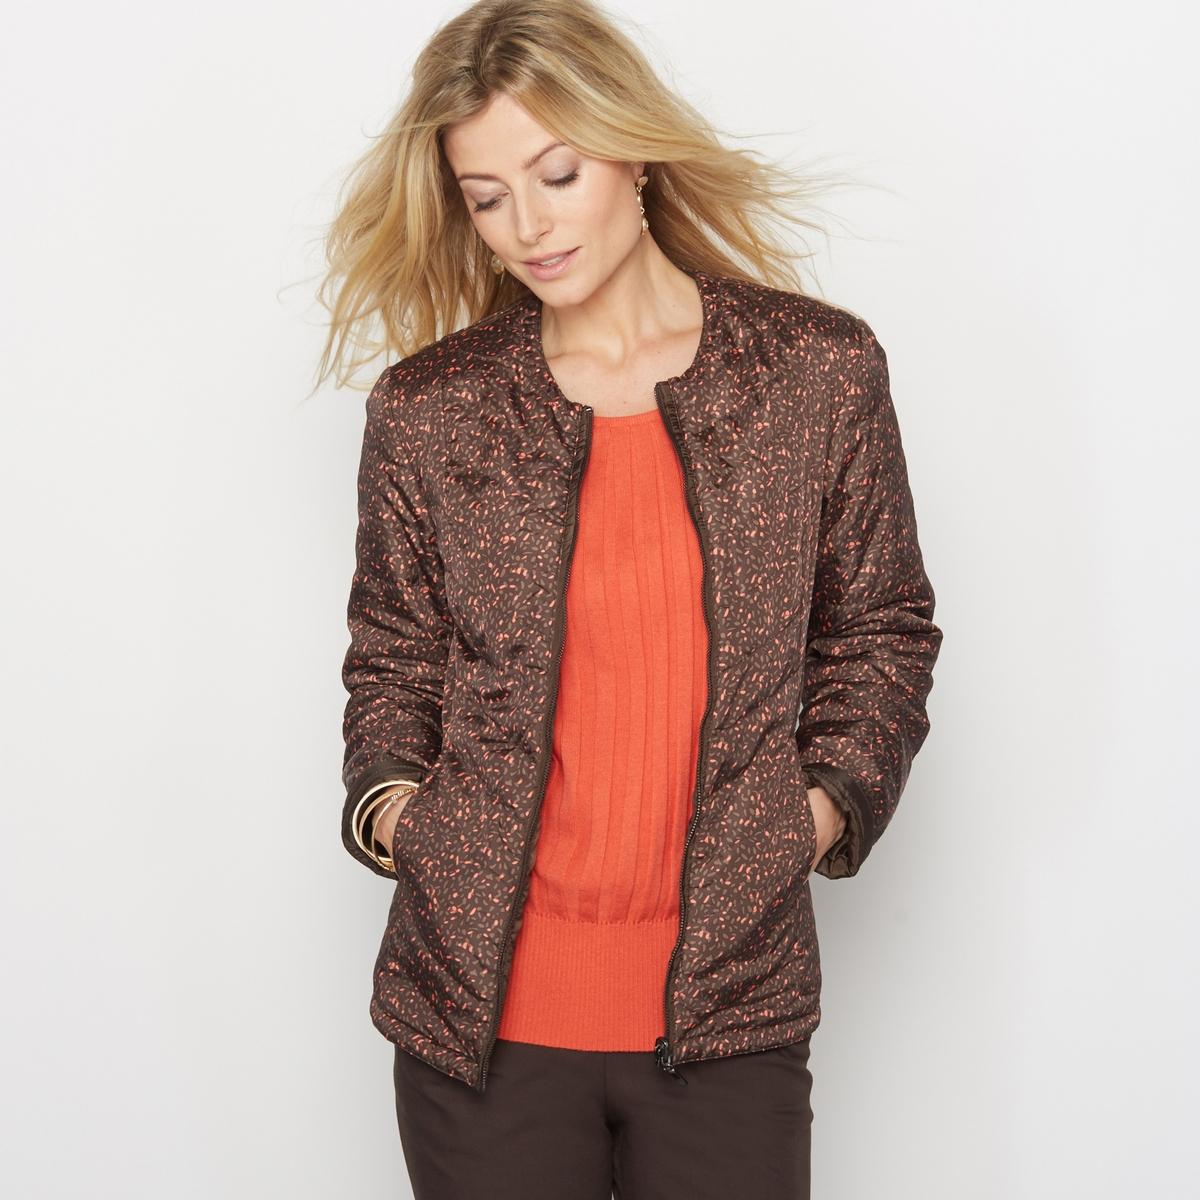 Куртка стёганая, лёгкая, двусторонняя, обработанная тефлономКуртка стёганая двусторонняя. Тонкая и слегка прошитая, эта стёганая куртка Вам просто необходима! Вы можете носить эту двустороннюю куртку так, как Вам понравится  - на стороне с принтом или на однотонной стороне! Прошивка спереди и сзади.Круглый вырез, застёжка на молнию спереди.Приталенный покрой, отрезные детали спереди и сзади. 2 отрезных кармана.Состав и описание:Материал: Ткань из 100% полиэстера, обработанная тефлоном.Длина: 62 см.Марка: Anne WeyburnУход:Машинная стирка при 30° в умеренном режиме.Не гладить.<br><br>Цвет: рисунок/фон каштан<br>Размер: 44 (FR) - 50 (RUS).50 (FR) - 56 (RUS).42 (FR) - 48 (RUS)